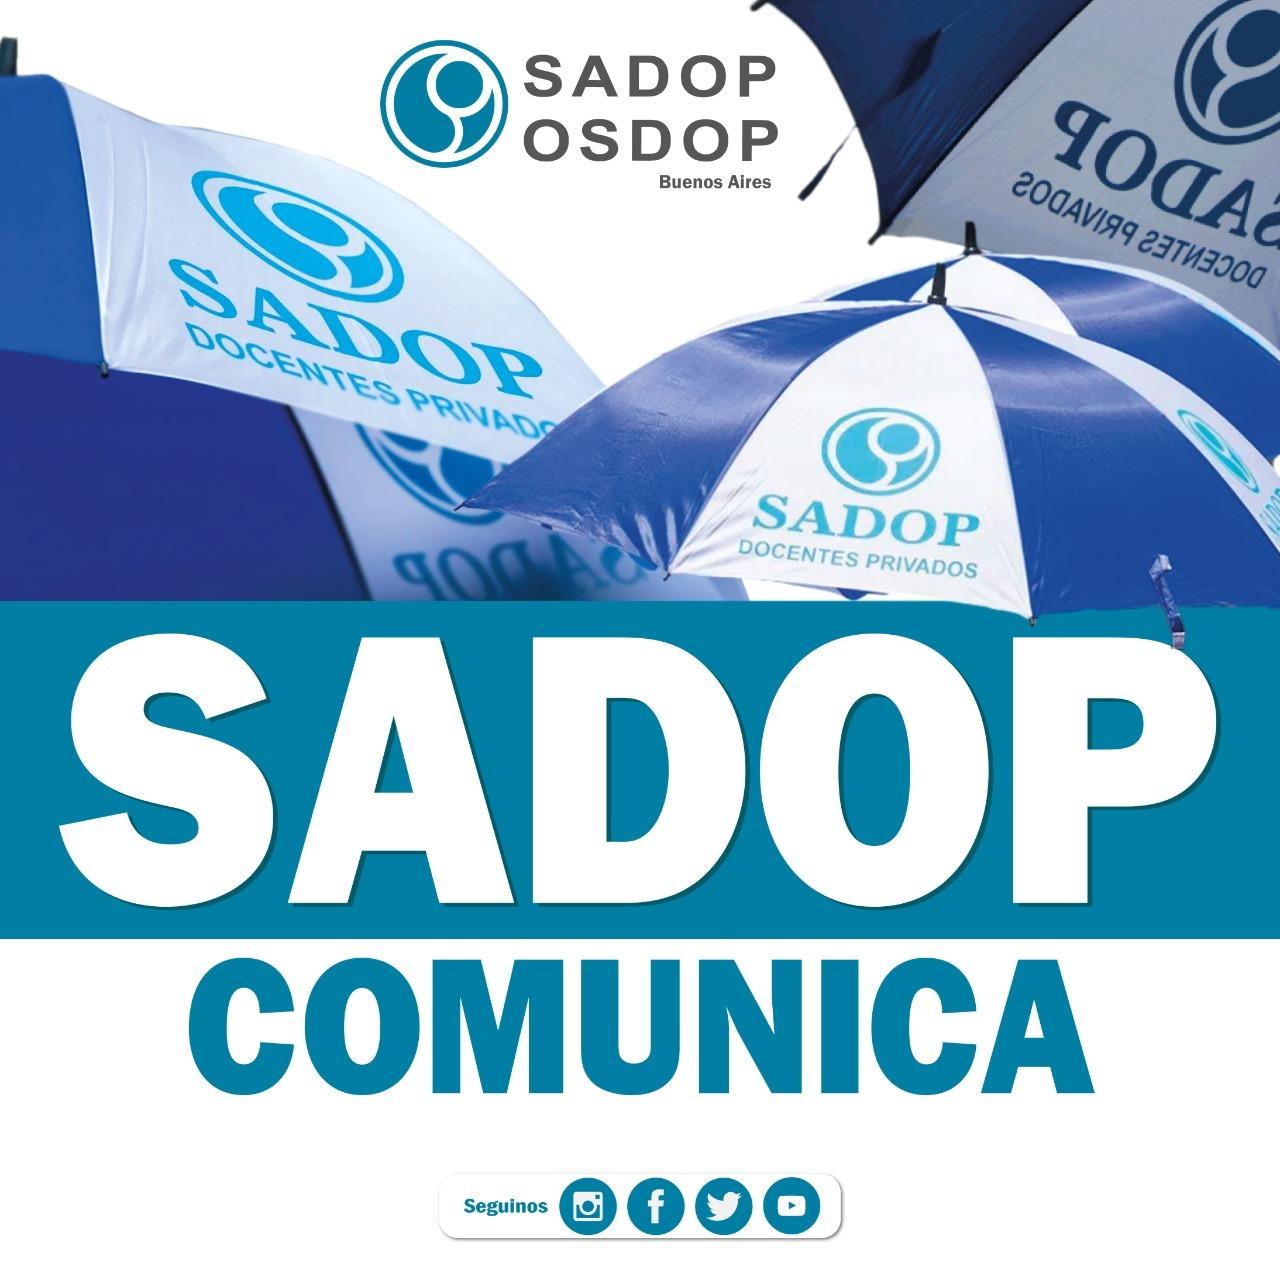 En este momento estás viendo SADOP EN LA COMISIÓN TÉCNICA SALARIAL PROVINCIAL